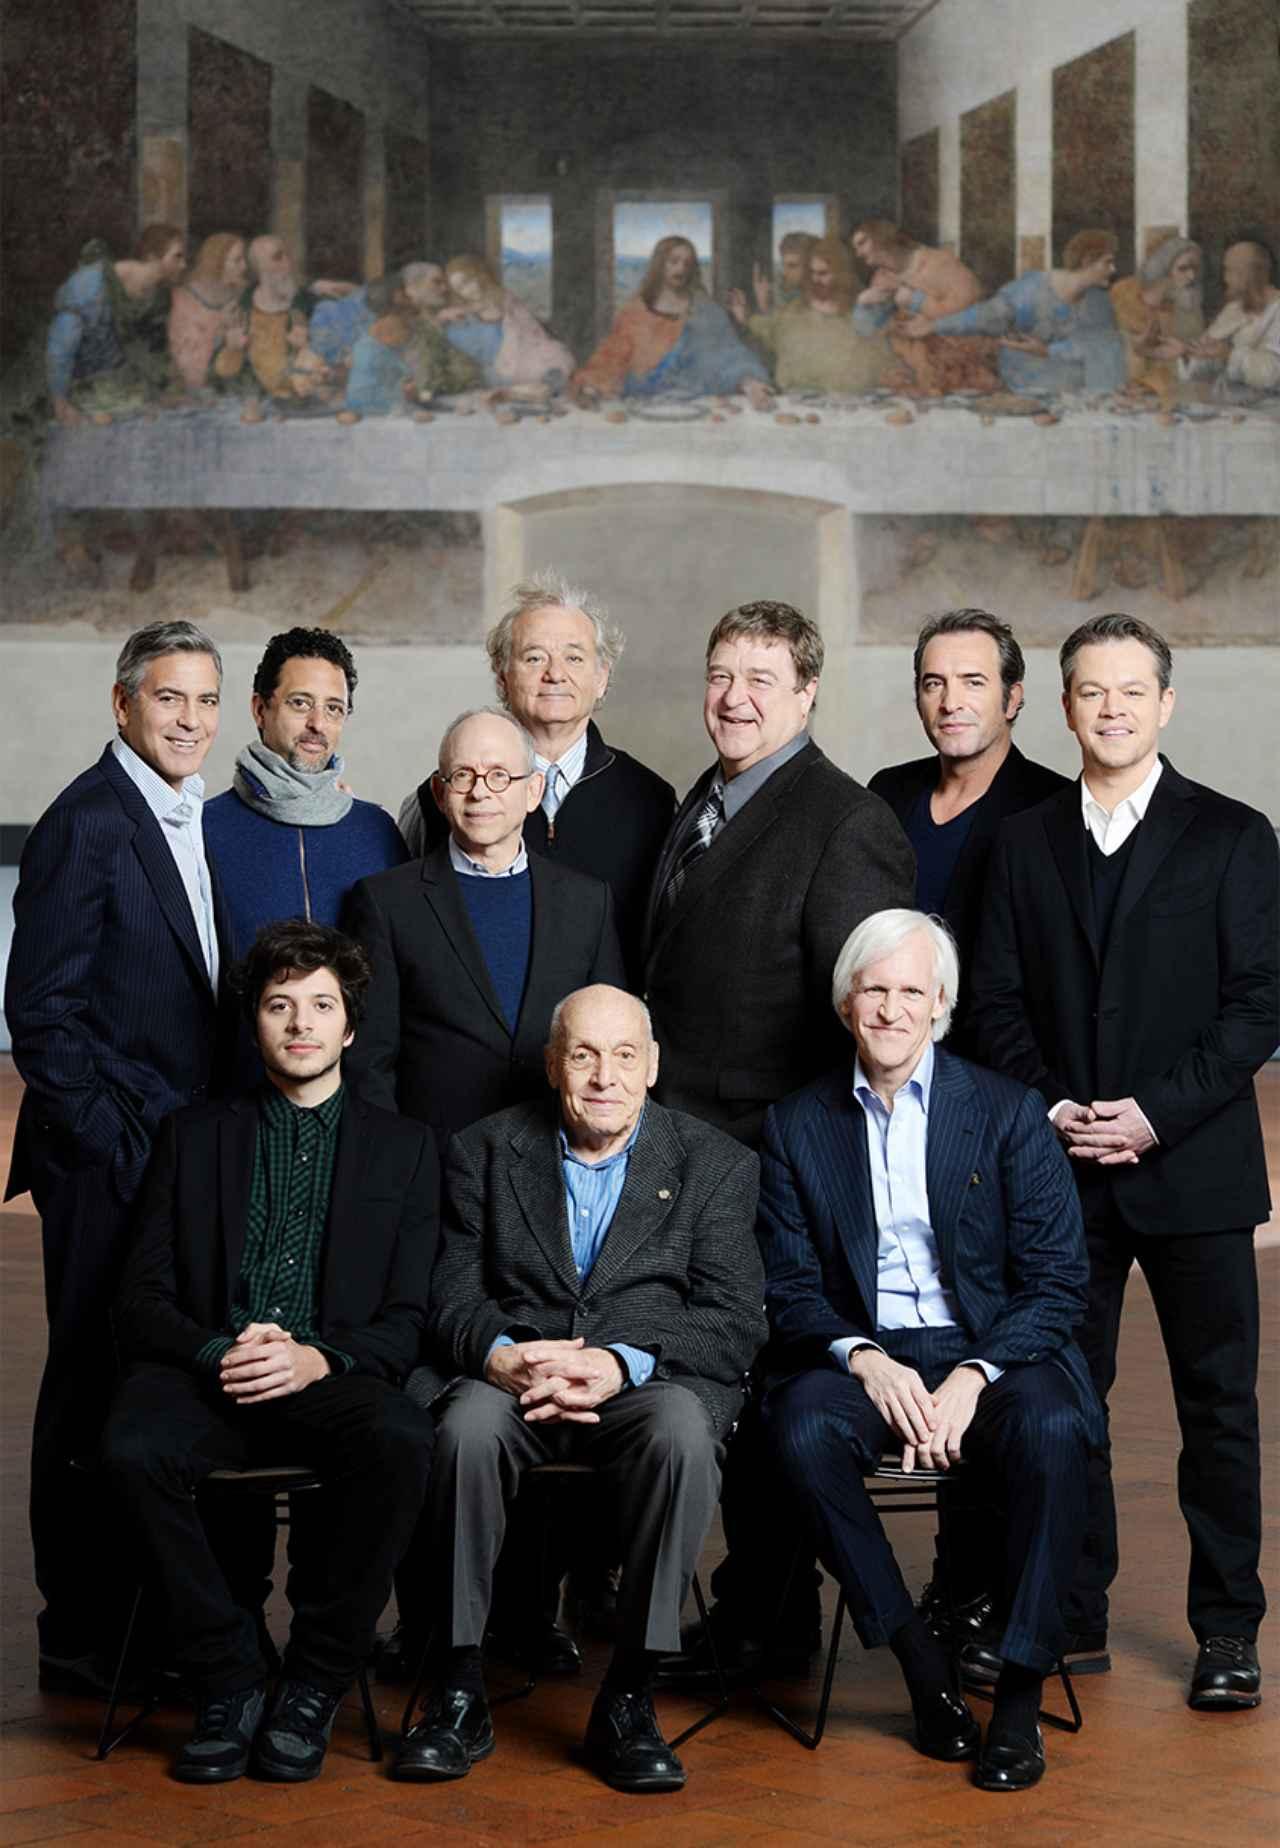 画像: (前列中央の老人が)現在唯一の健在者 エリー・ストリンガー氏。そして(その左隣が)彼の役を演じたディミトリー・レオニダス miche-project.com